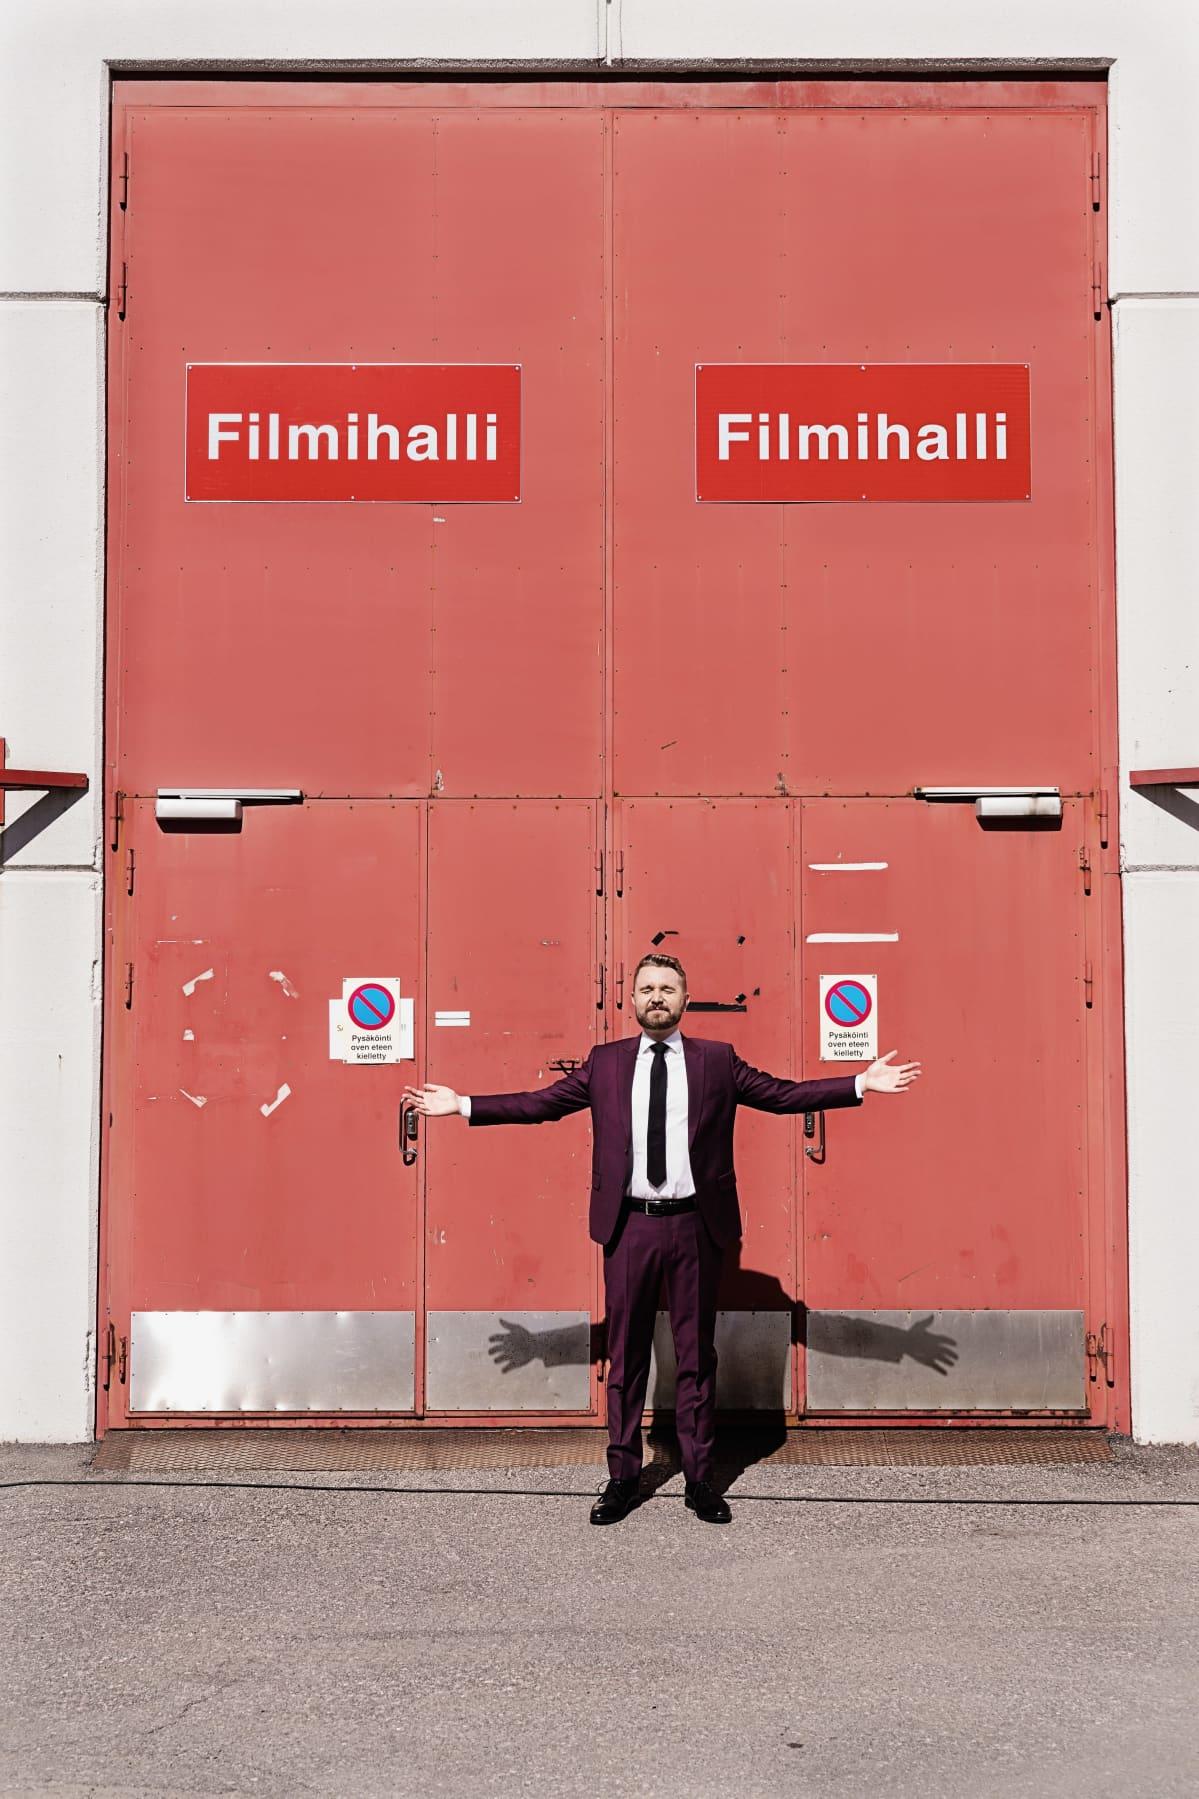 Puettuaan esiintymispuvun päälle, Joonas Nordman seisahtaa maikkarin filmihallien ovelle kirkaasta kirkaampaan auringonpaisteeseen.